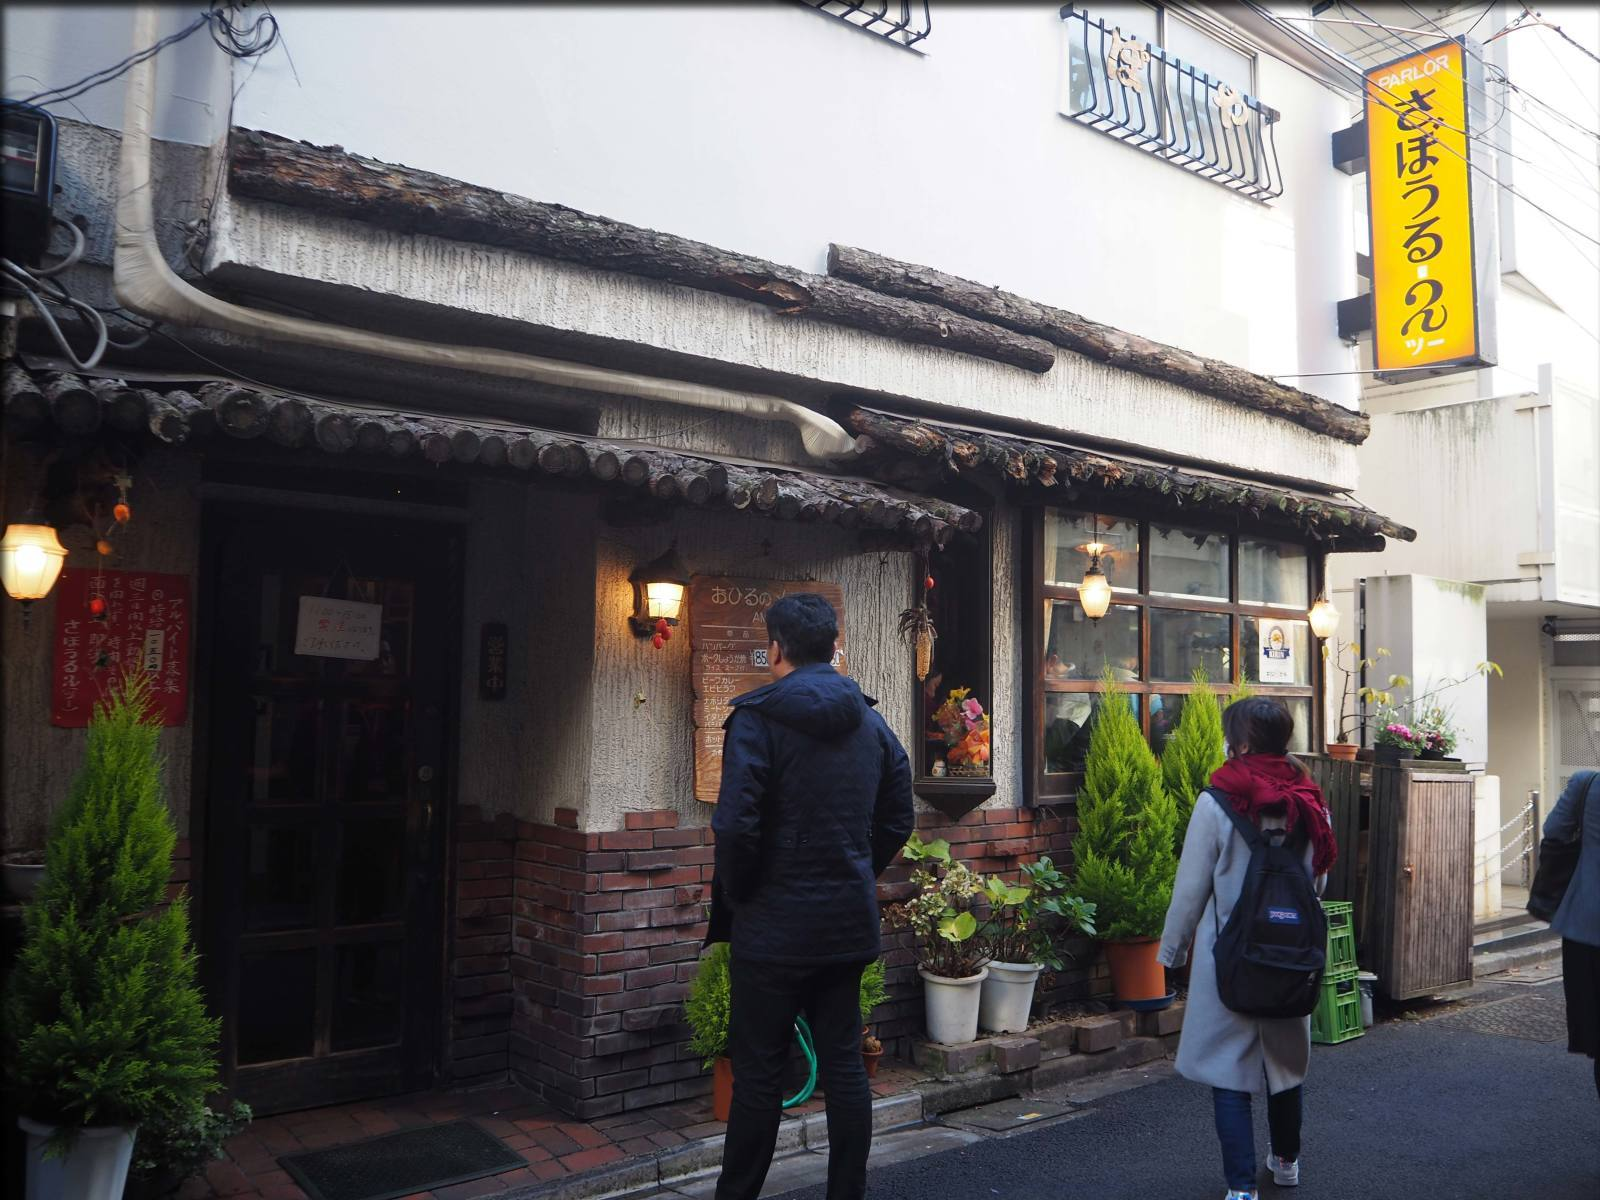 昭和を感じる「さぼうる2」でナポリタン@神田神保町_b0054329_09124279.jpg